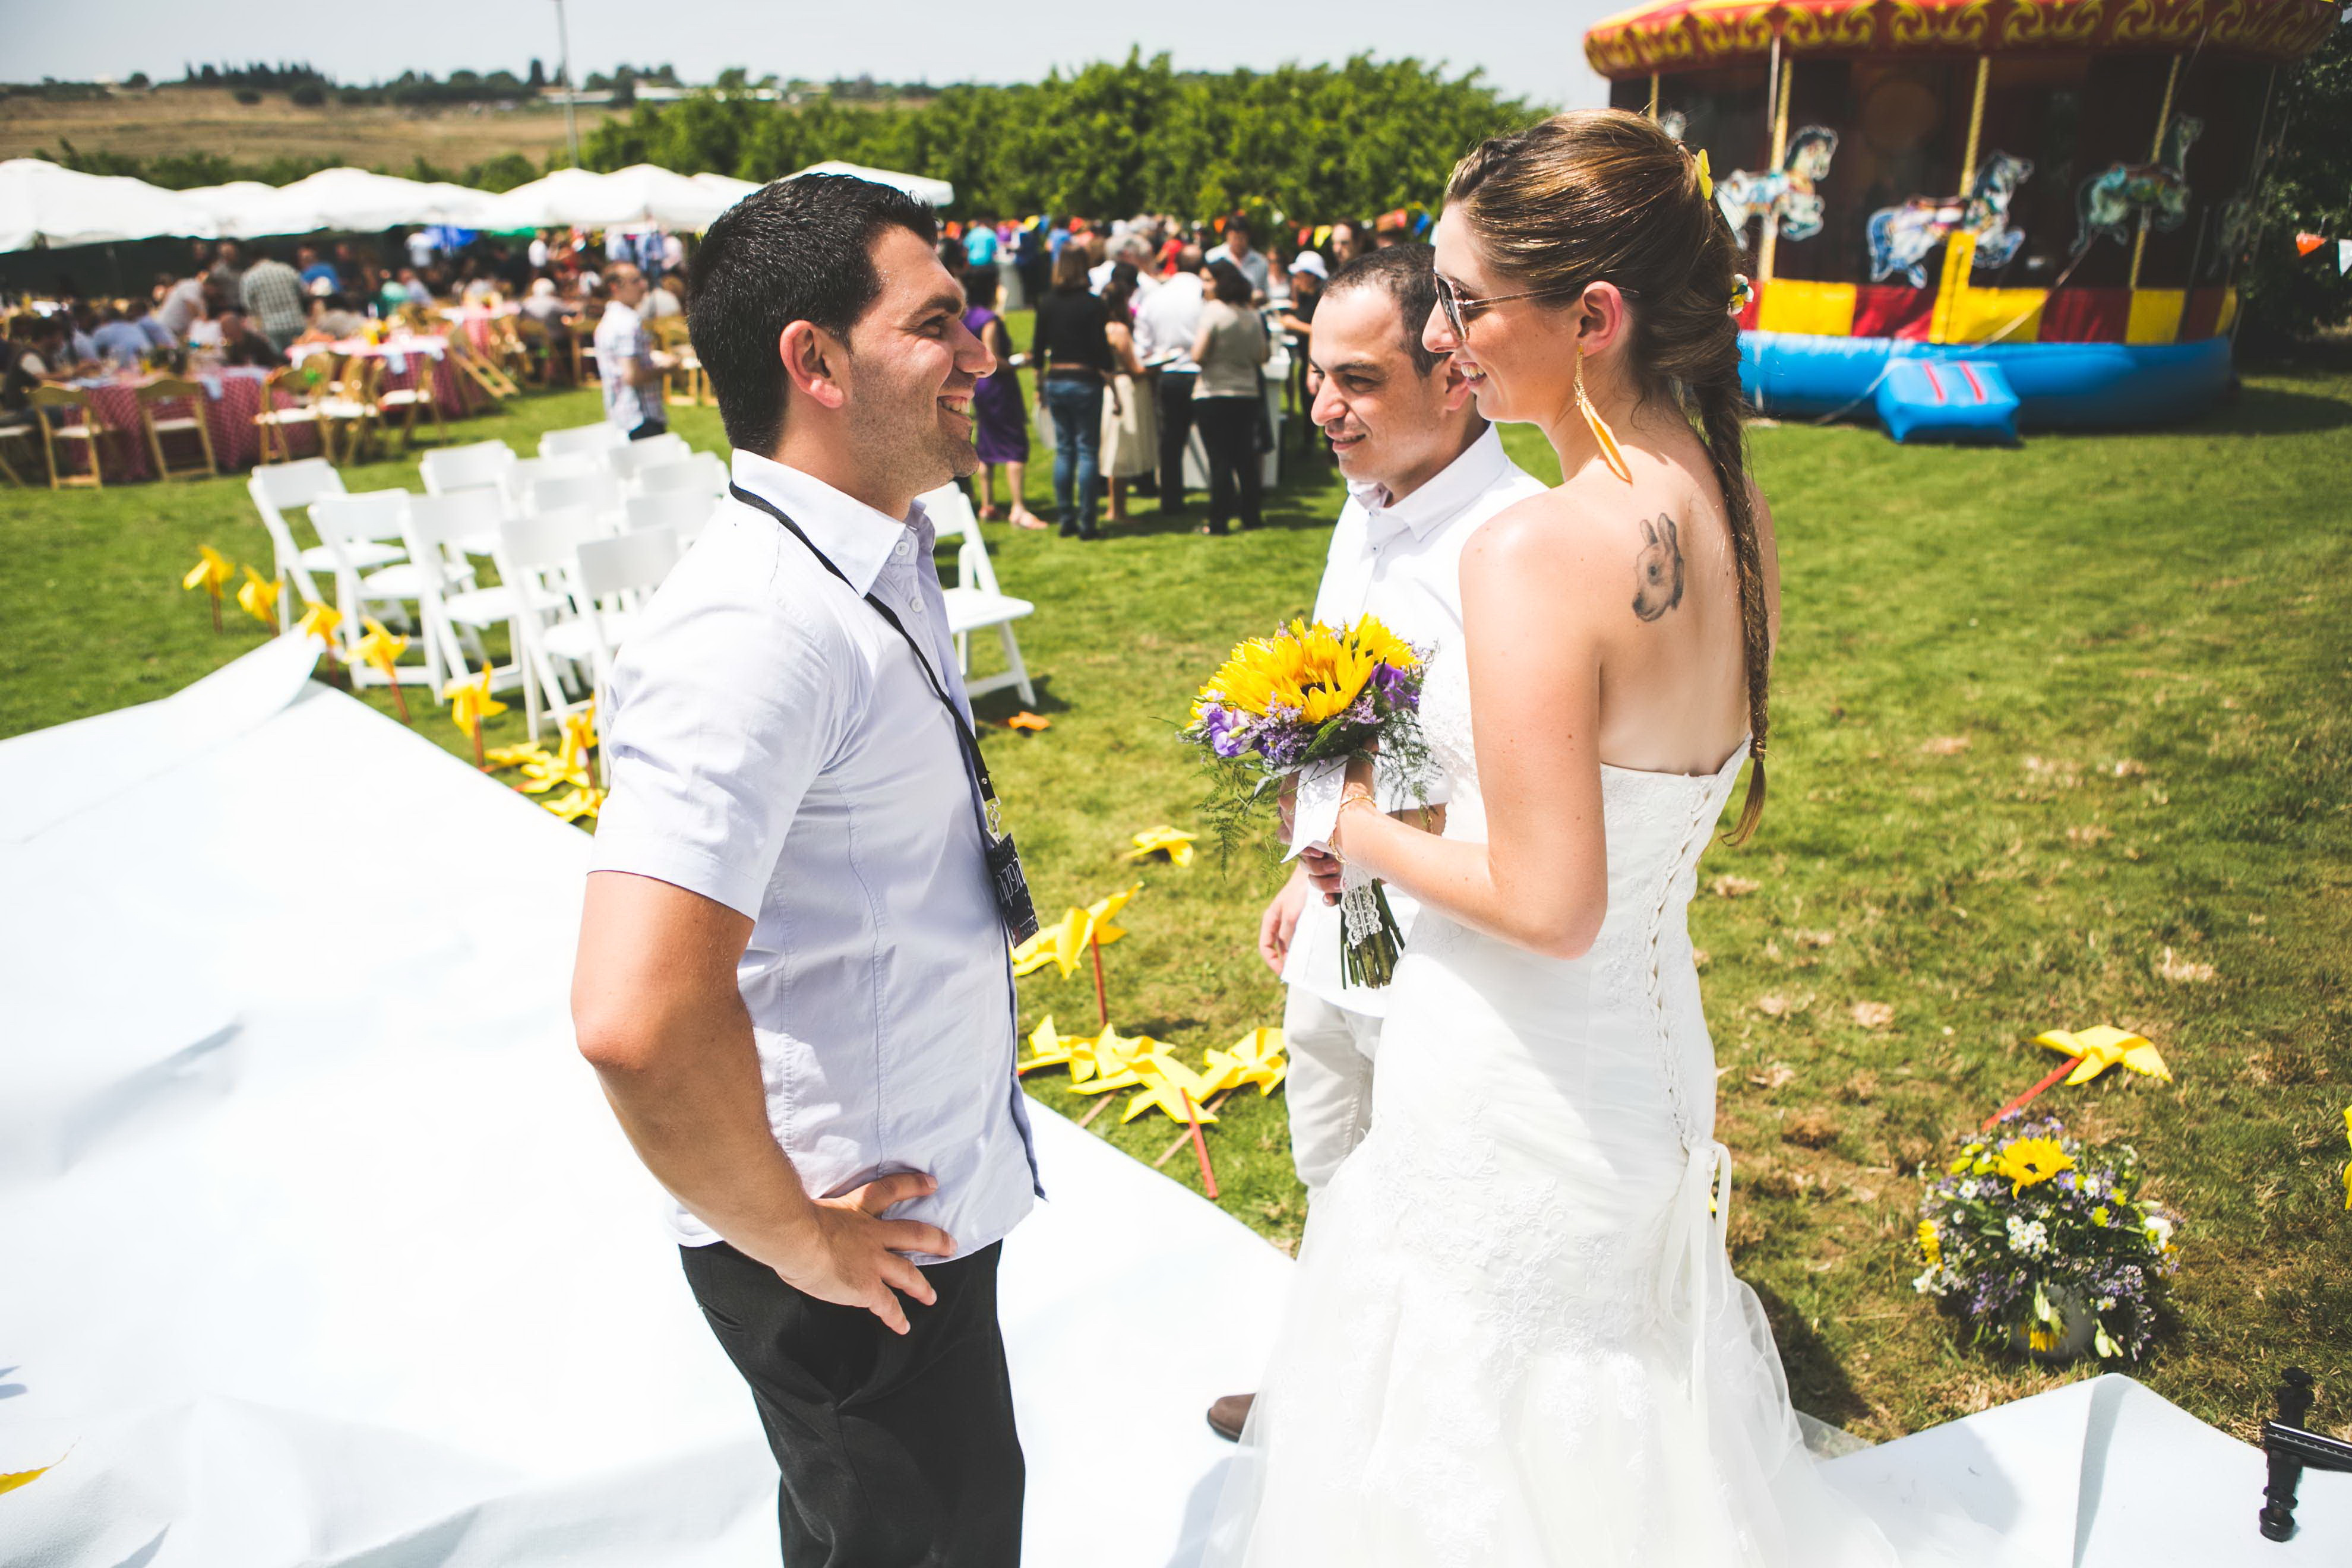 חתונת קונספט - יריד אמריקאי - מפיק עם חתן וכלה לפני חופה